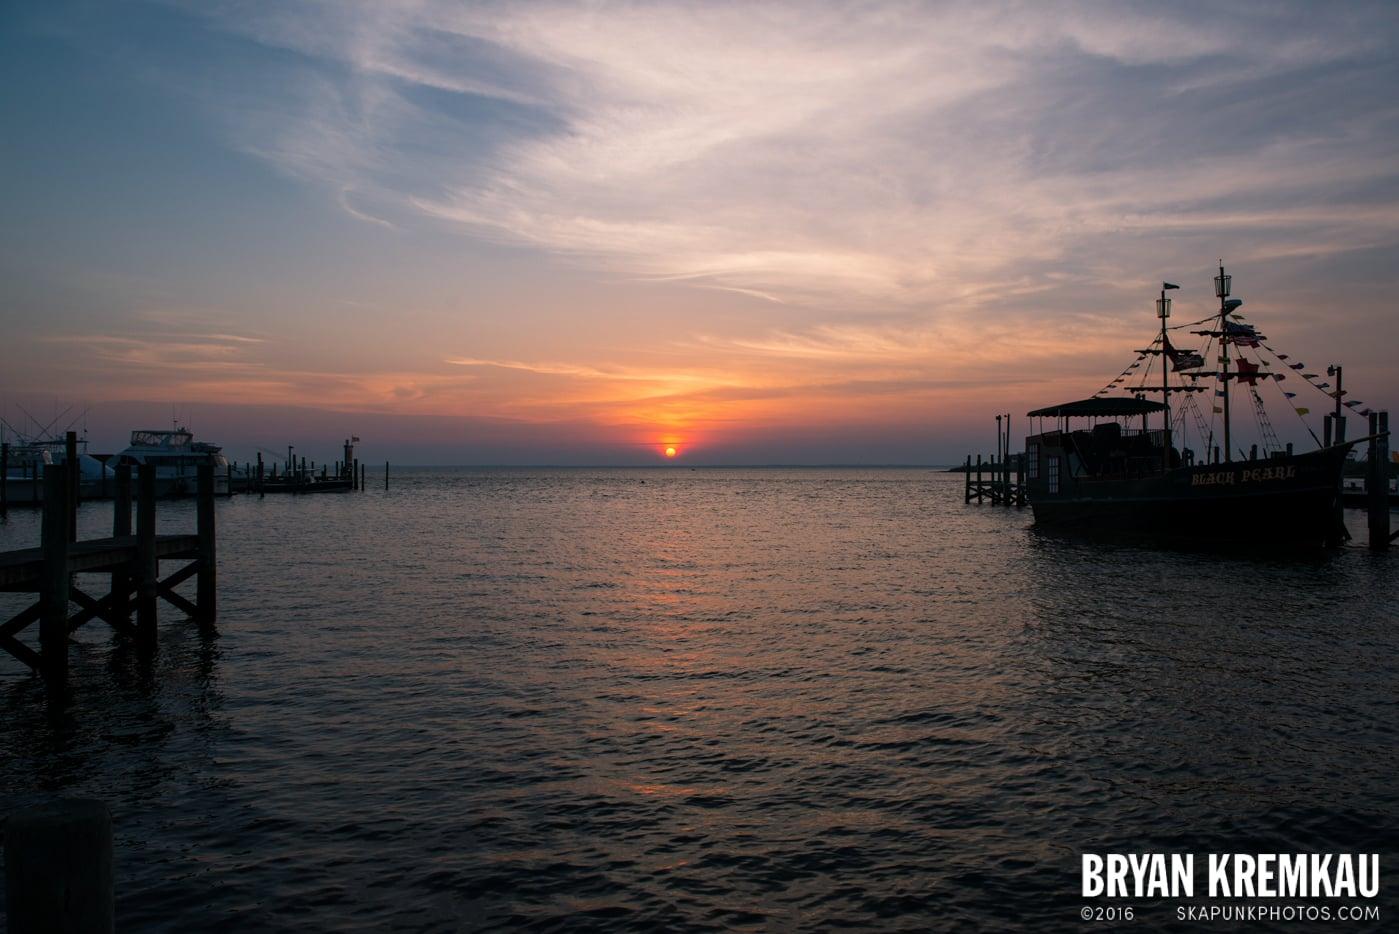 Beach Haven, Long Beach Island, NJ - 6.16.14 - 6.18.14 (46)